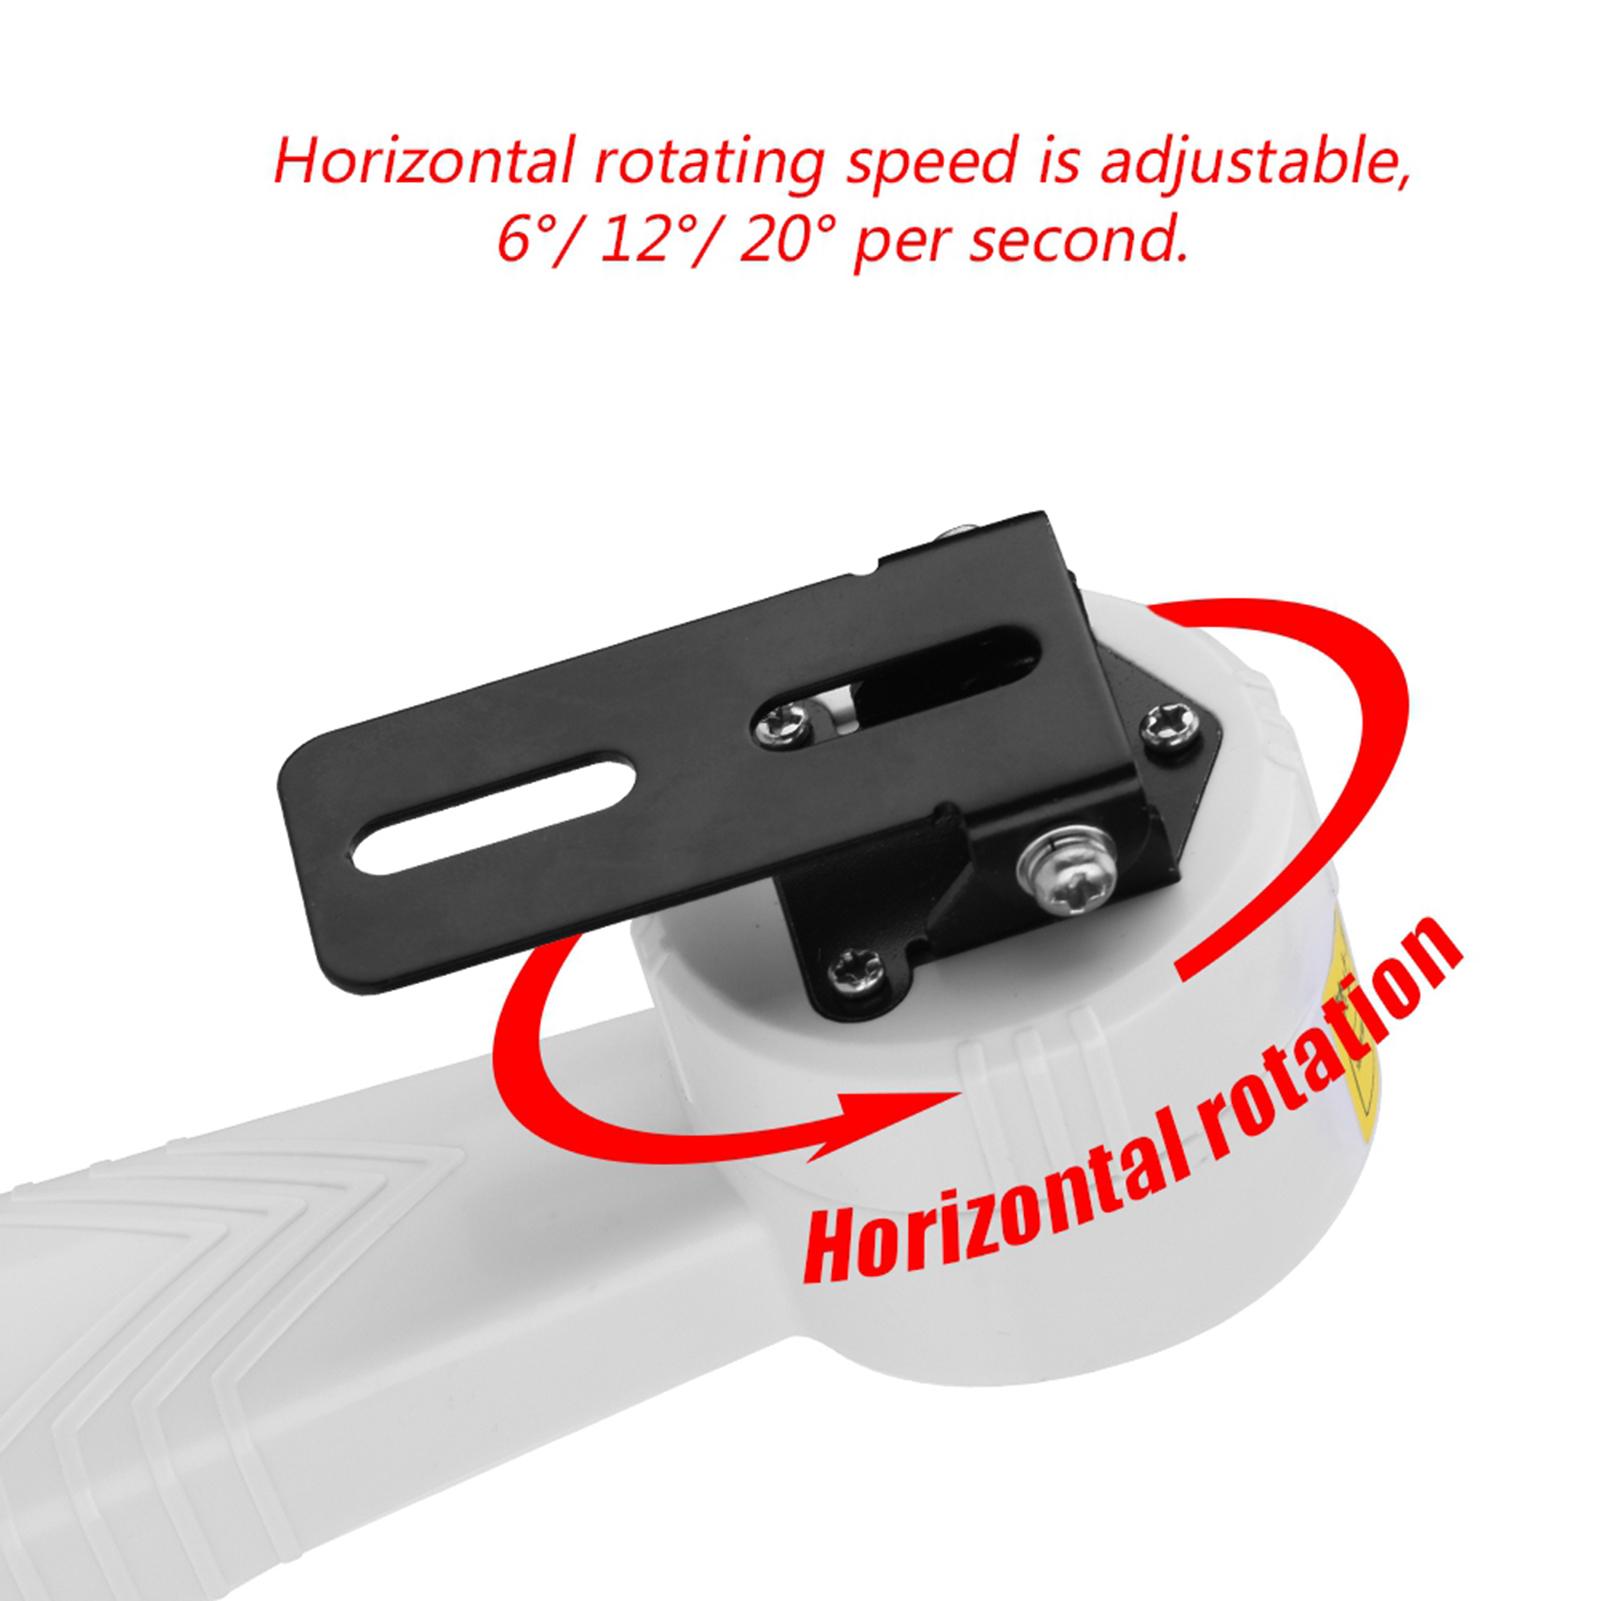 Supporto-da-parete-di-sicurezza-per-staffa-rotante-motorizzata-con-telecamera miniatura 21